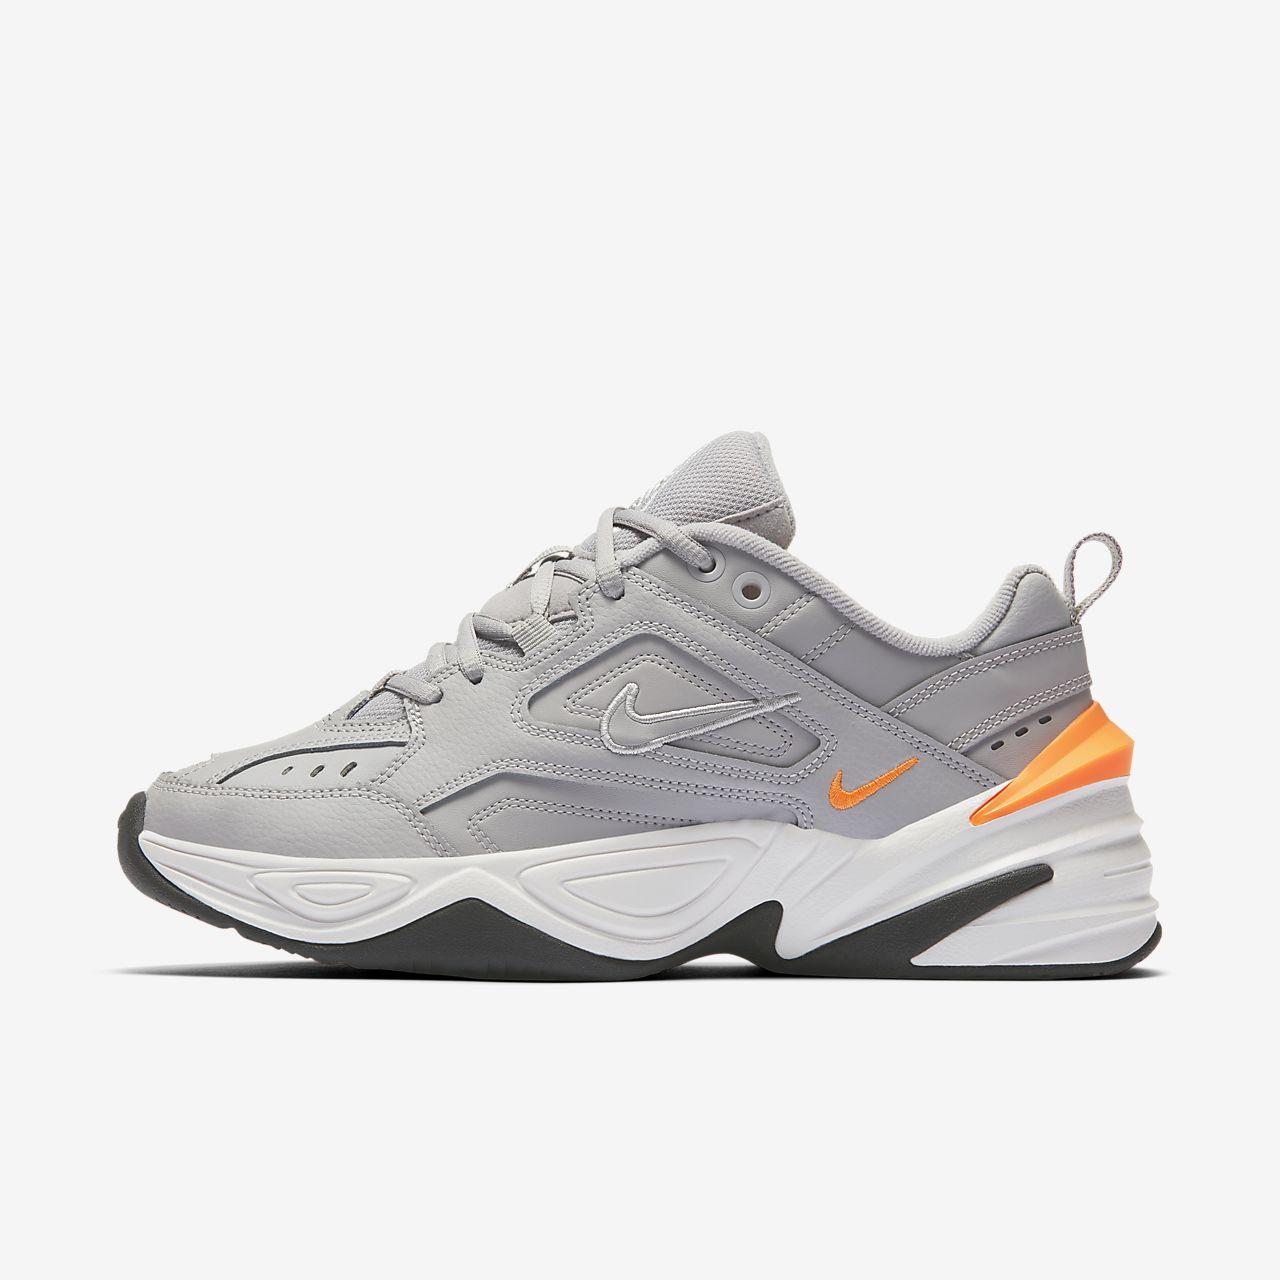 new arrival 6804f ee811 reduced nike m2k tekno sko til kvinder 2d8b9 6f280